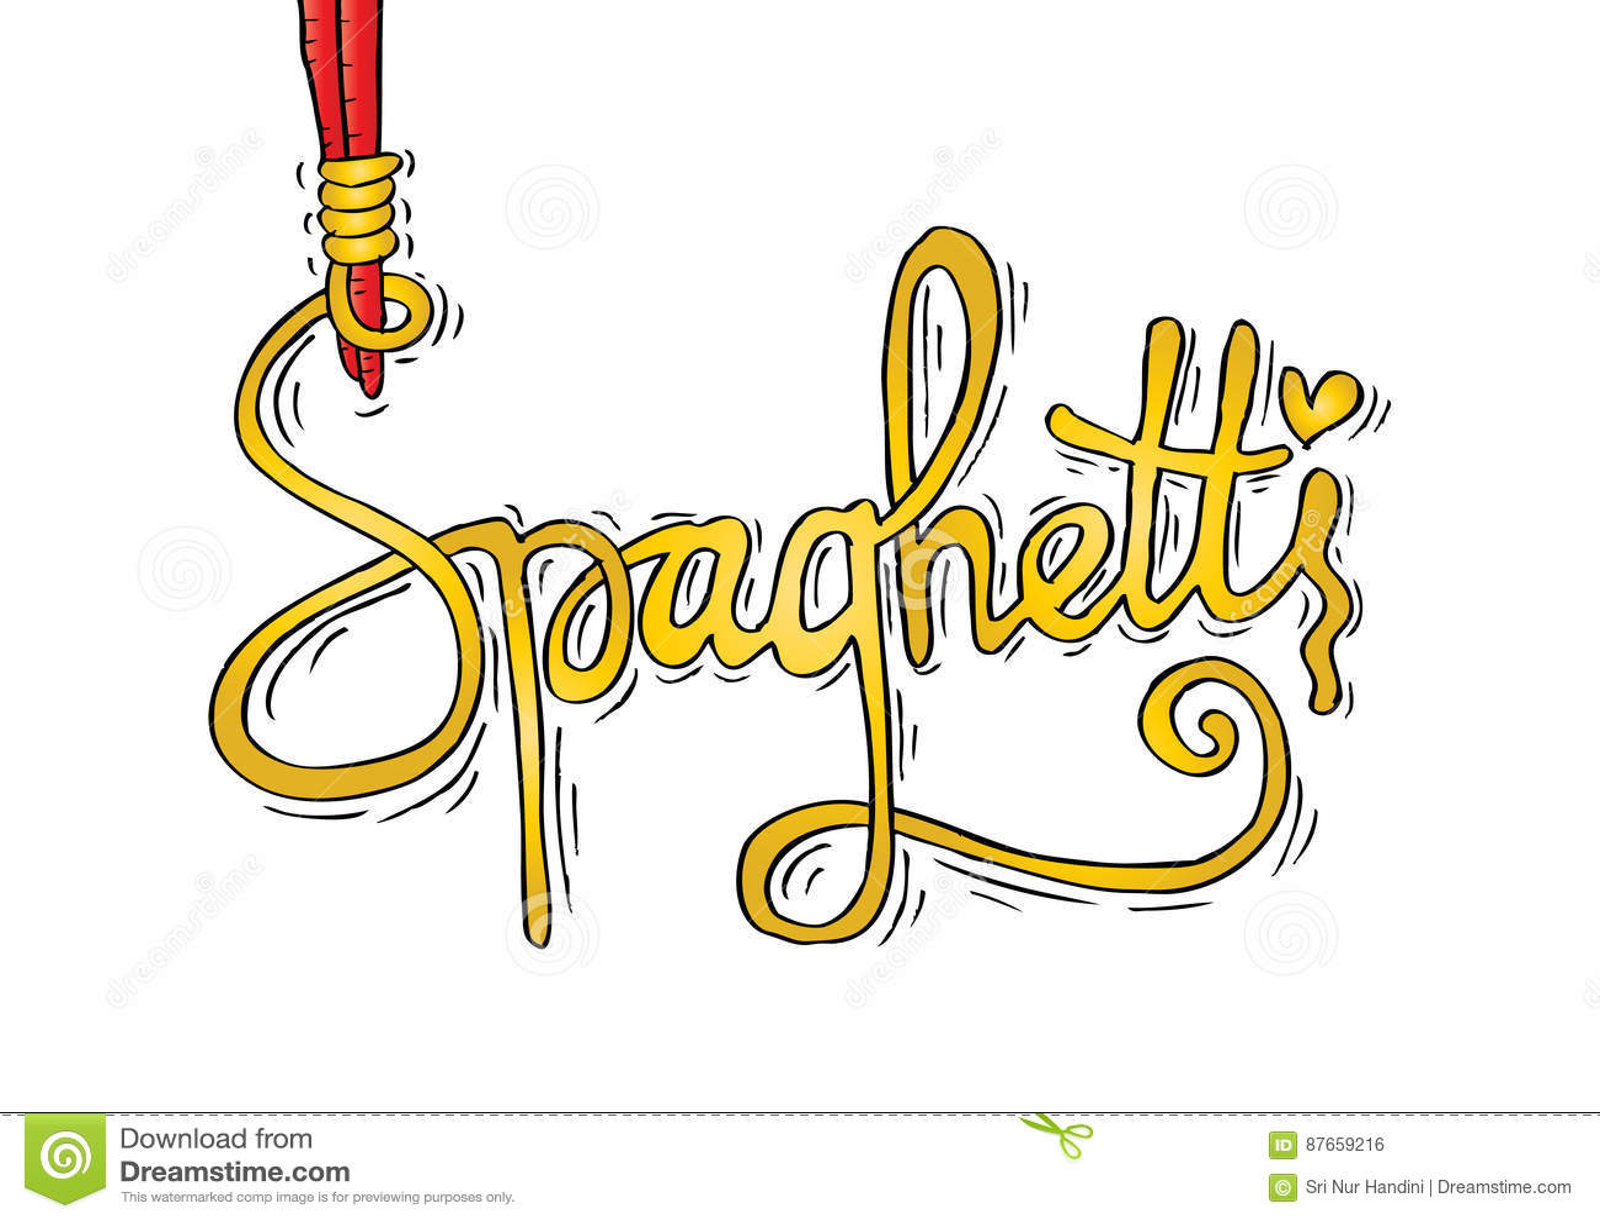 нее помощью пришли открытку со словом спагетти правда